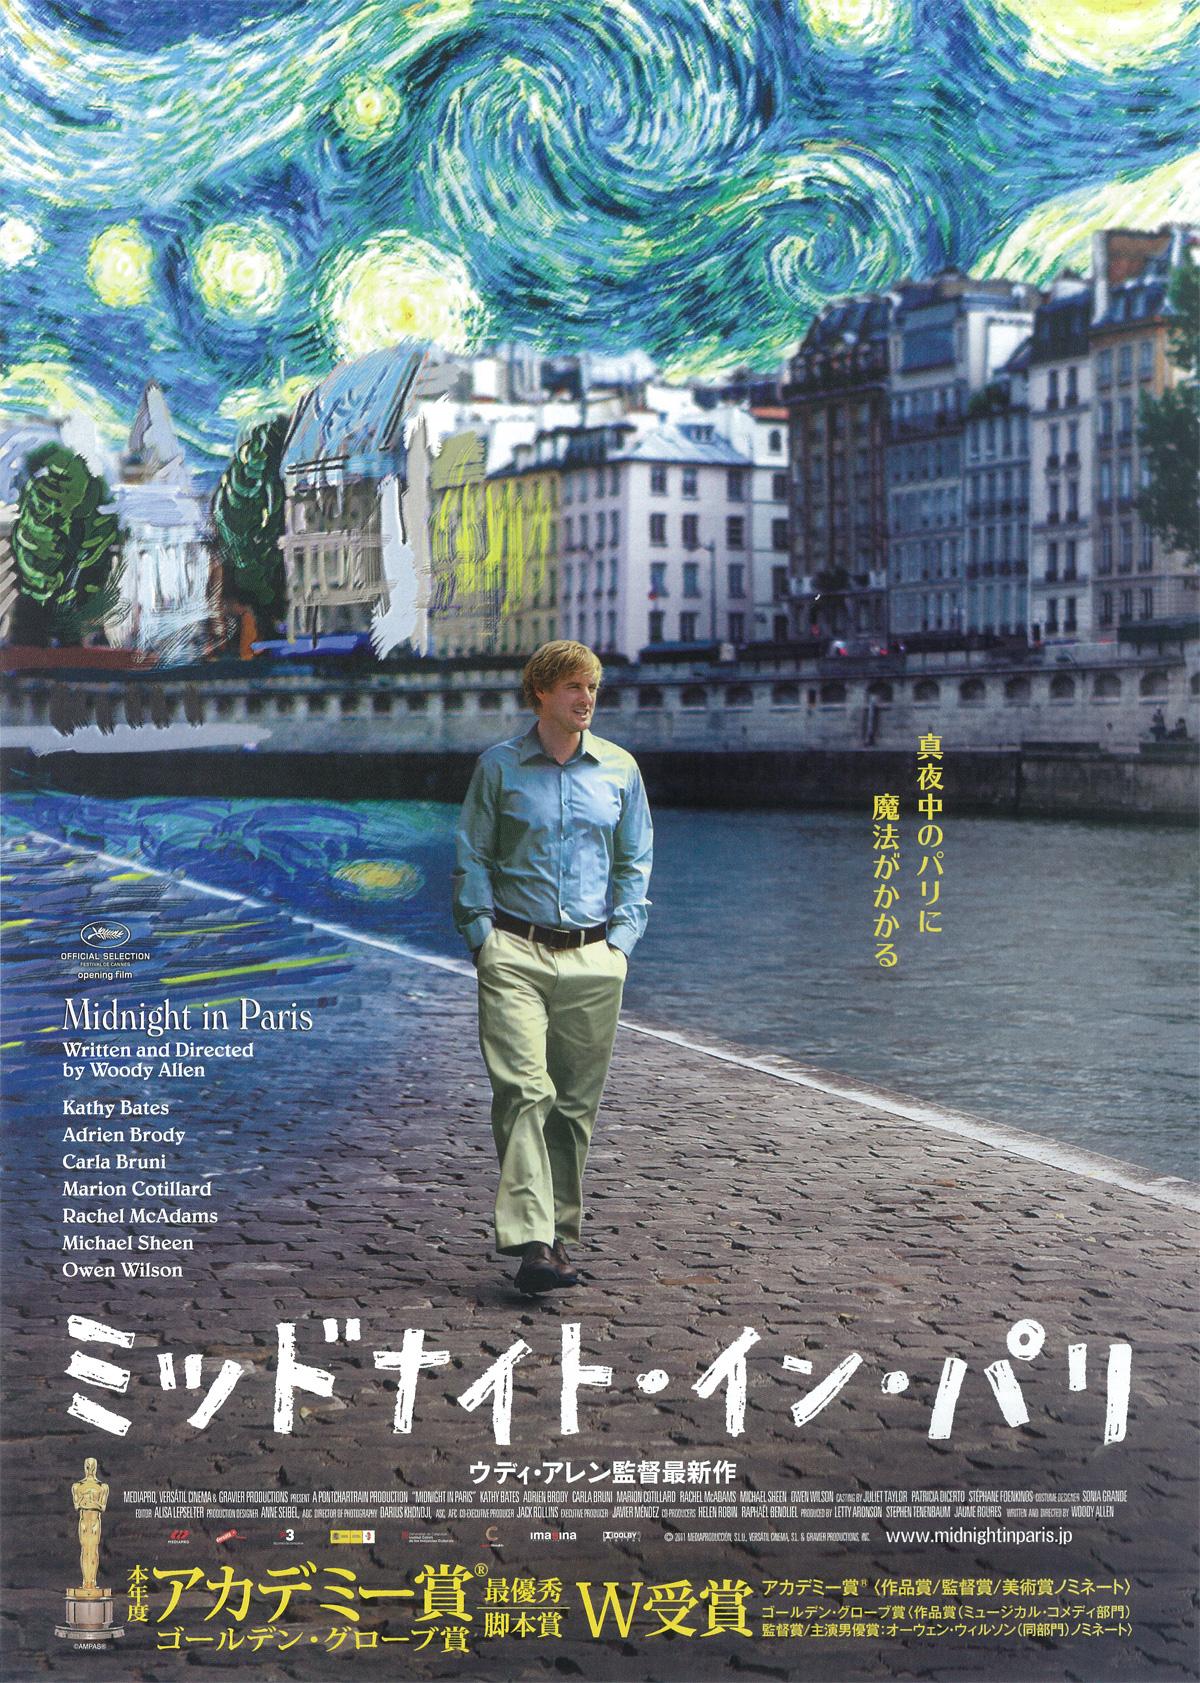 【ミッドナイト・イン・パリ】真夜中のパリでタイムトリップ!いつだって誰だって隣の時代は青く見える(感想)